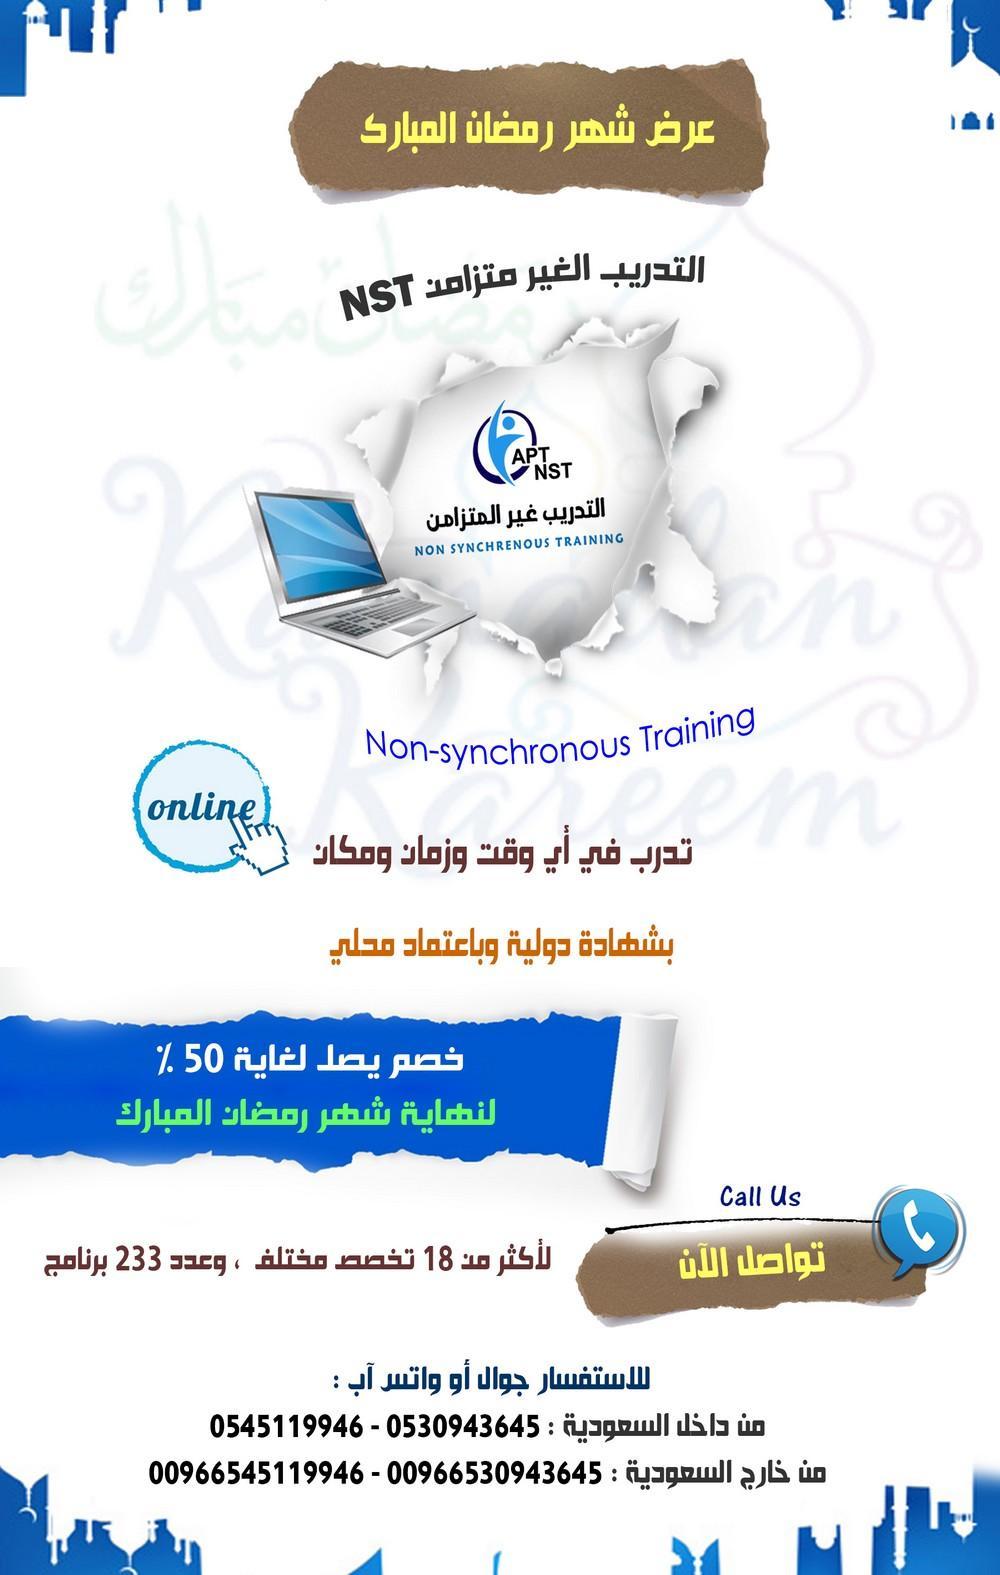 عرض شهر رمضان المبارك - التدريب الغير متزامن nst 390248128